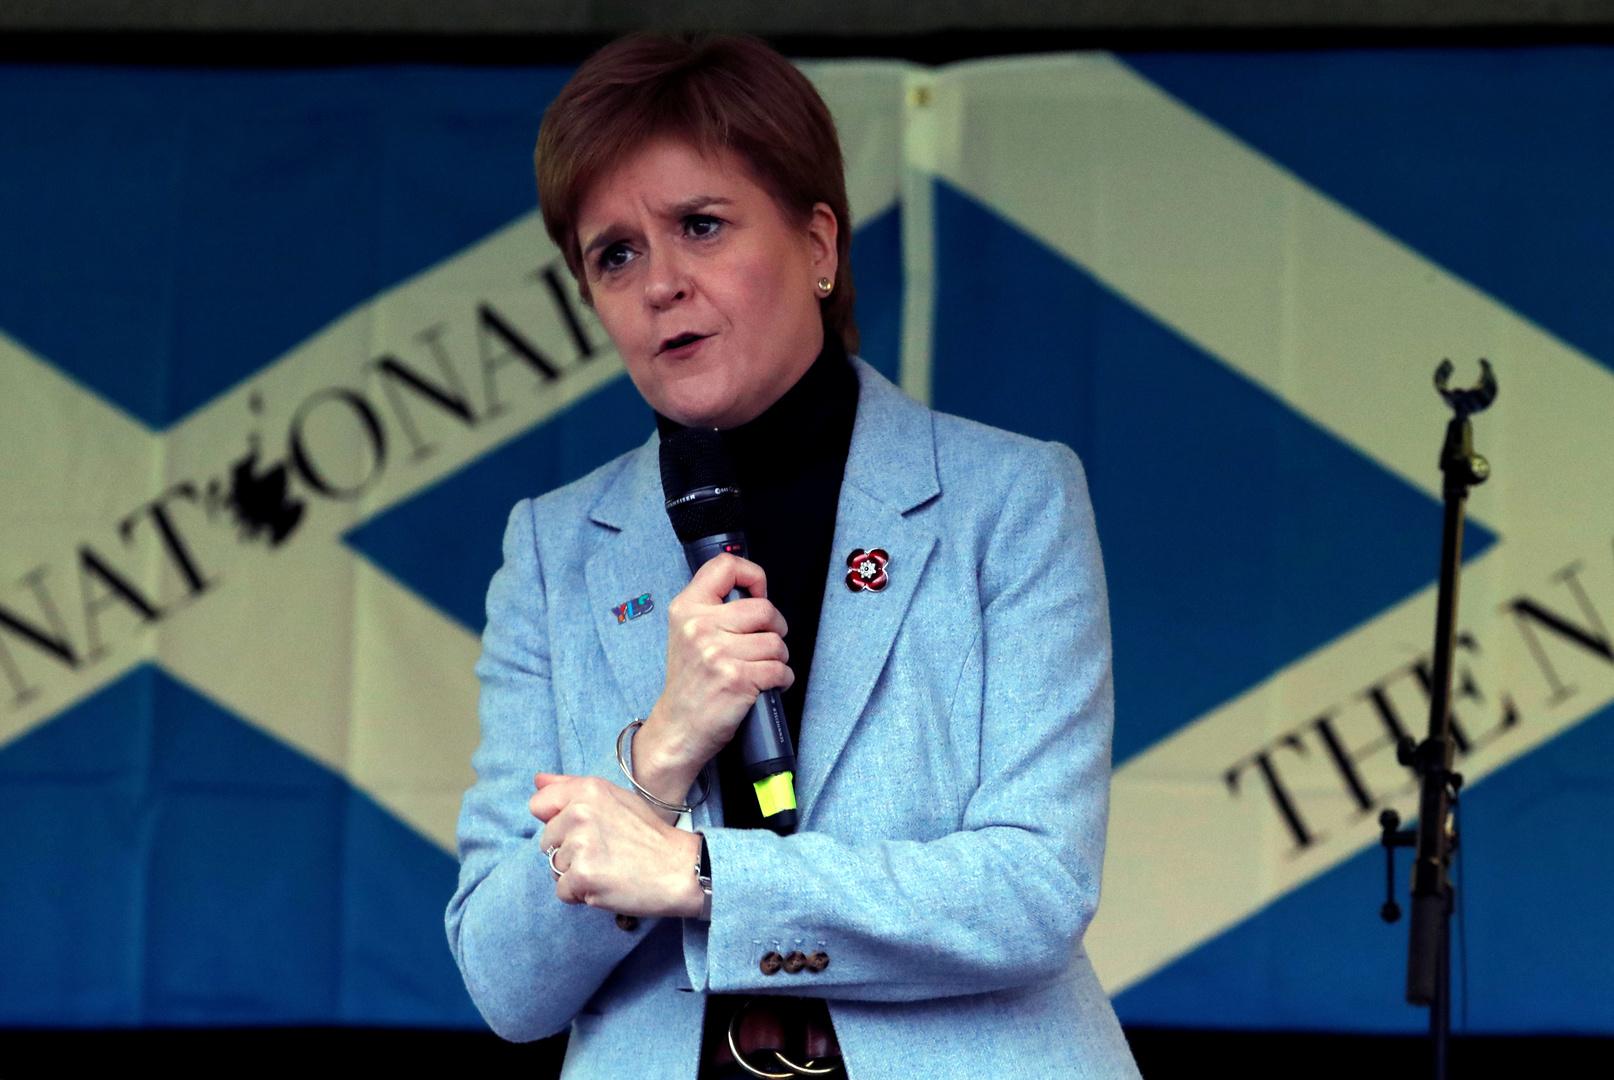 رئيسة وزراء اسكتلندا: متيقنة من تحقيق استقلالنا أكثر من أي وقت مضى